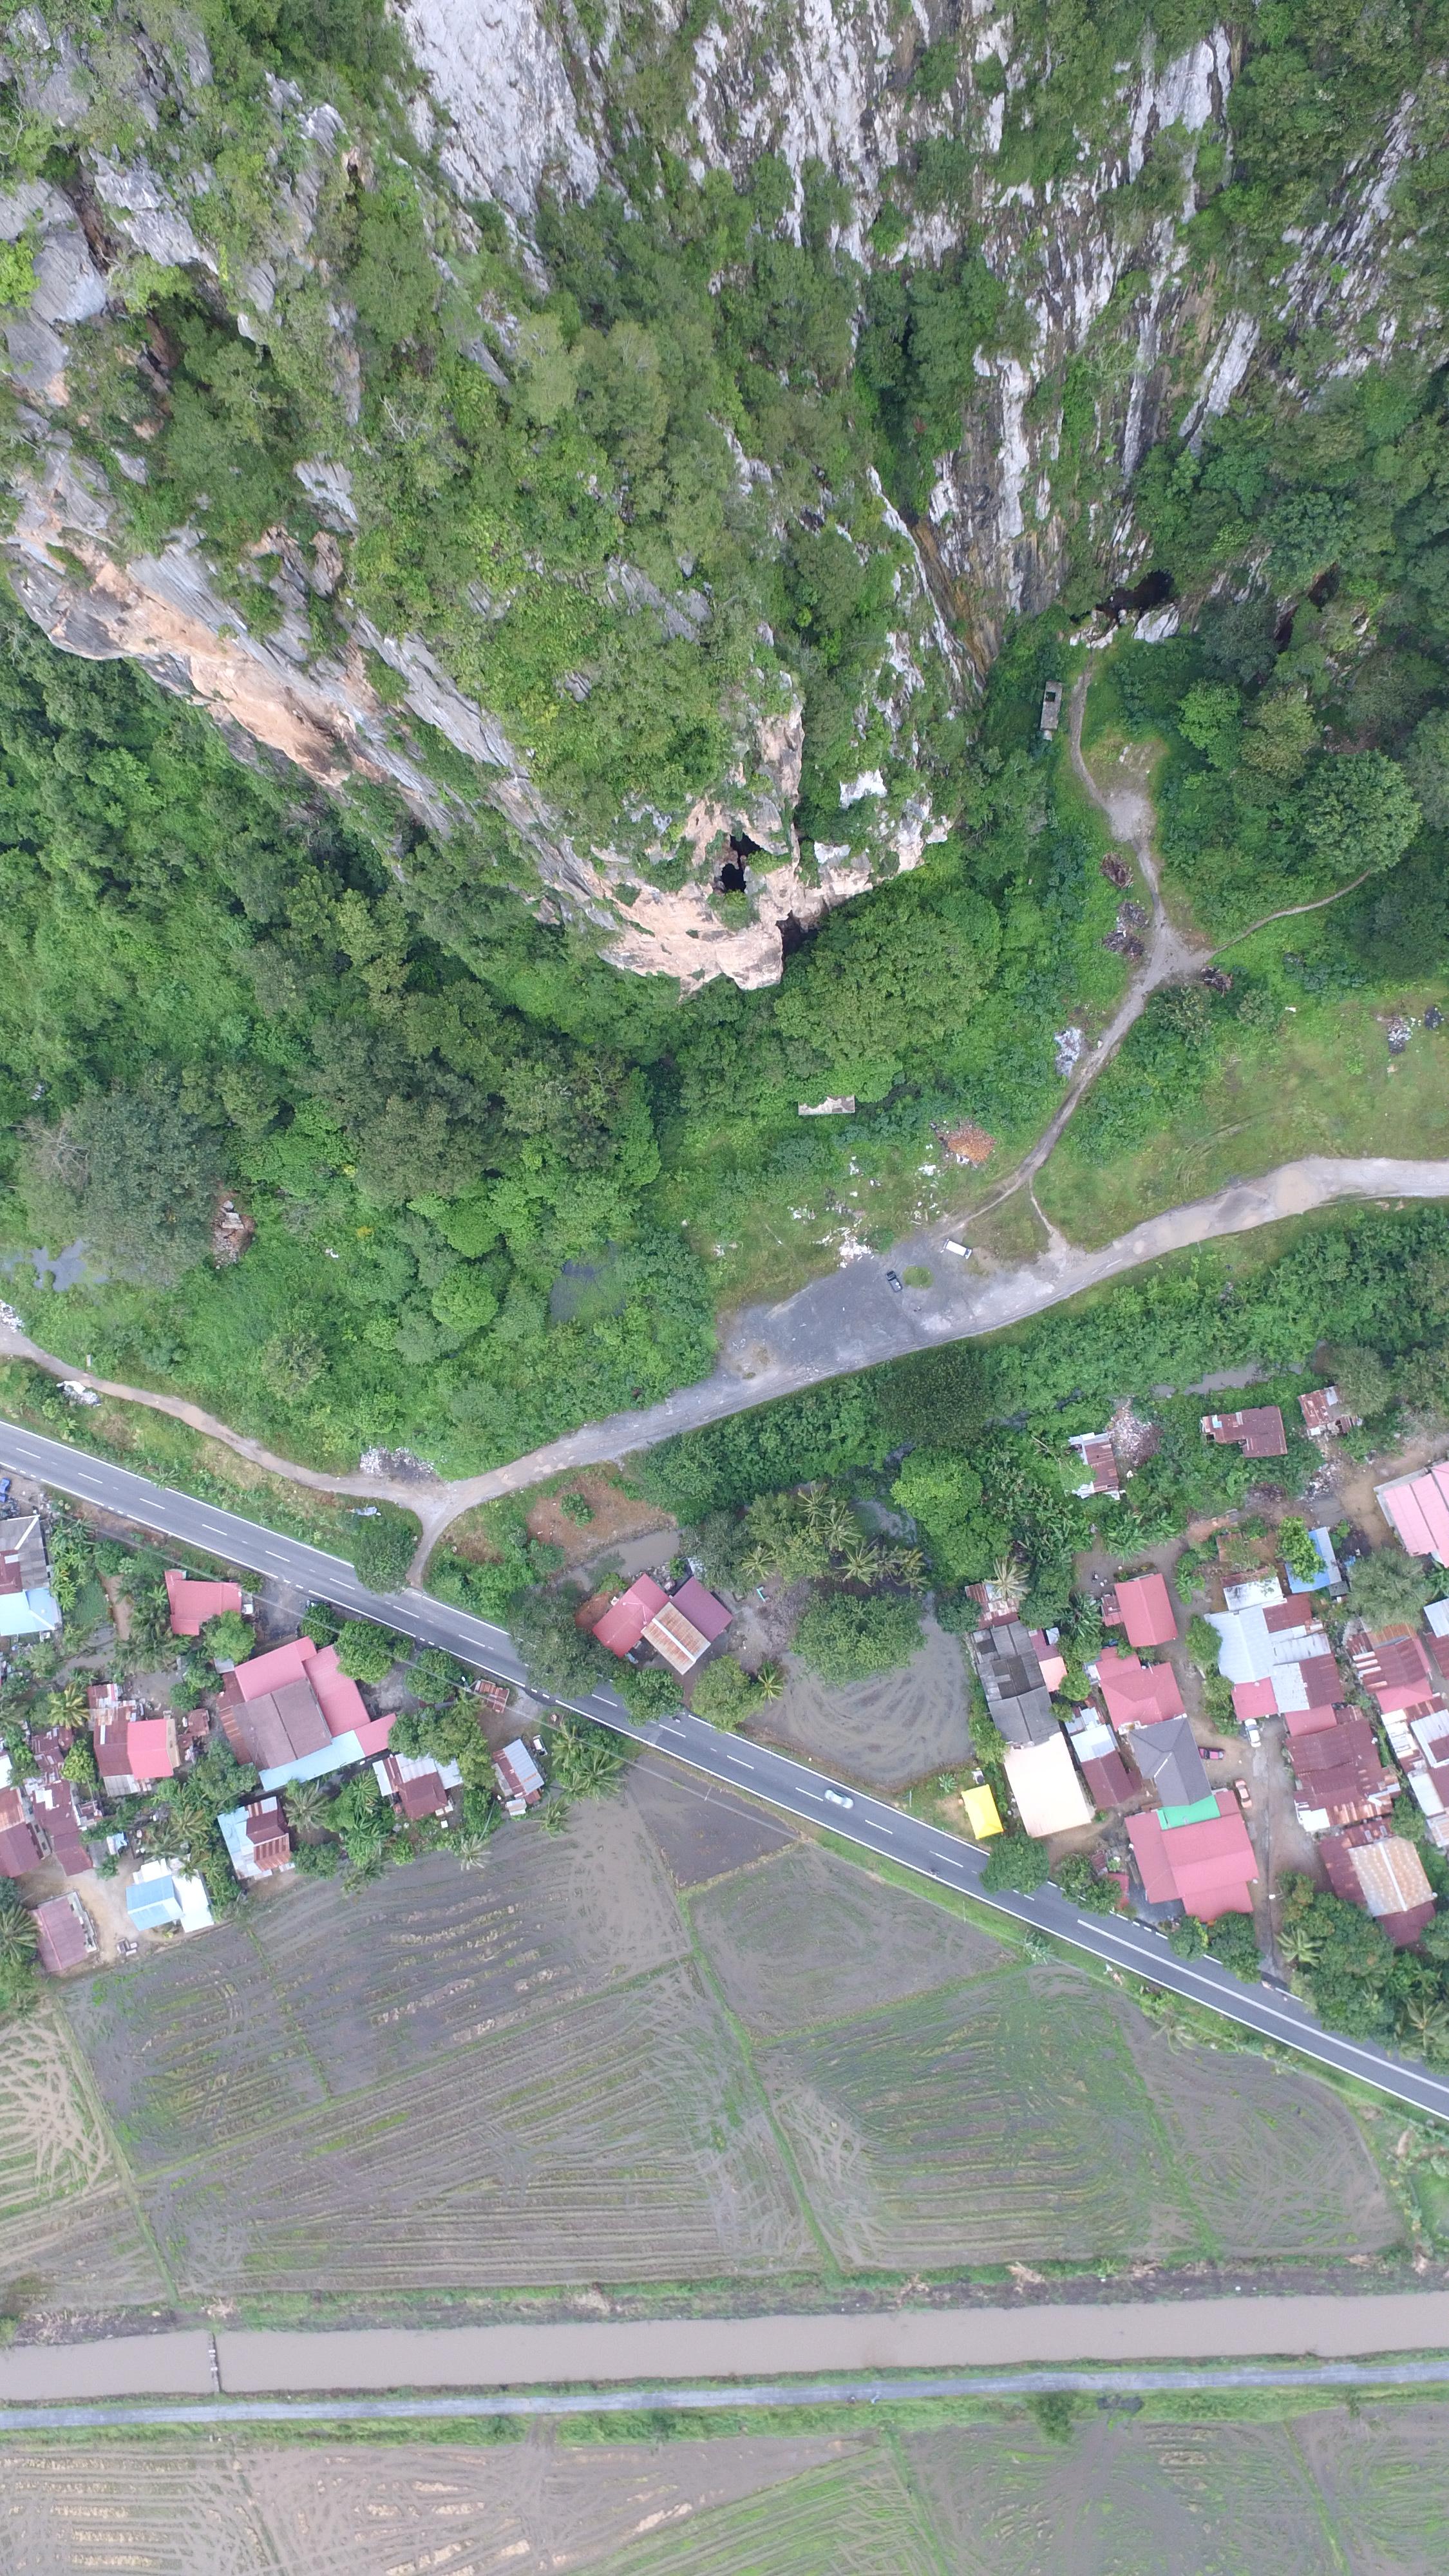 Gunung Keriang aerial photography